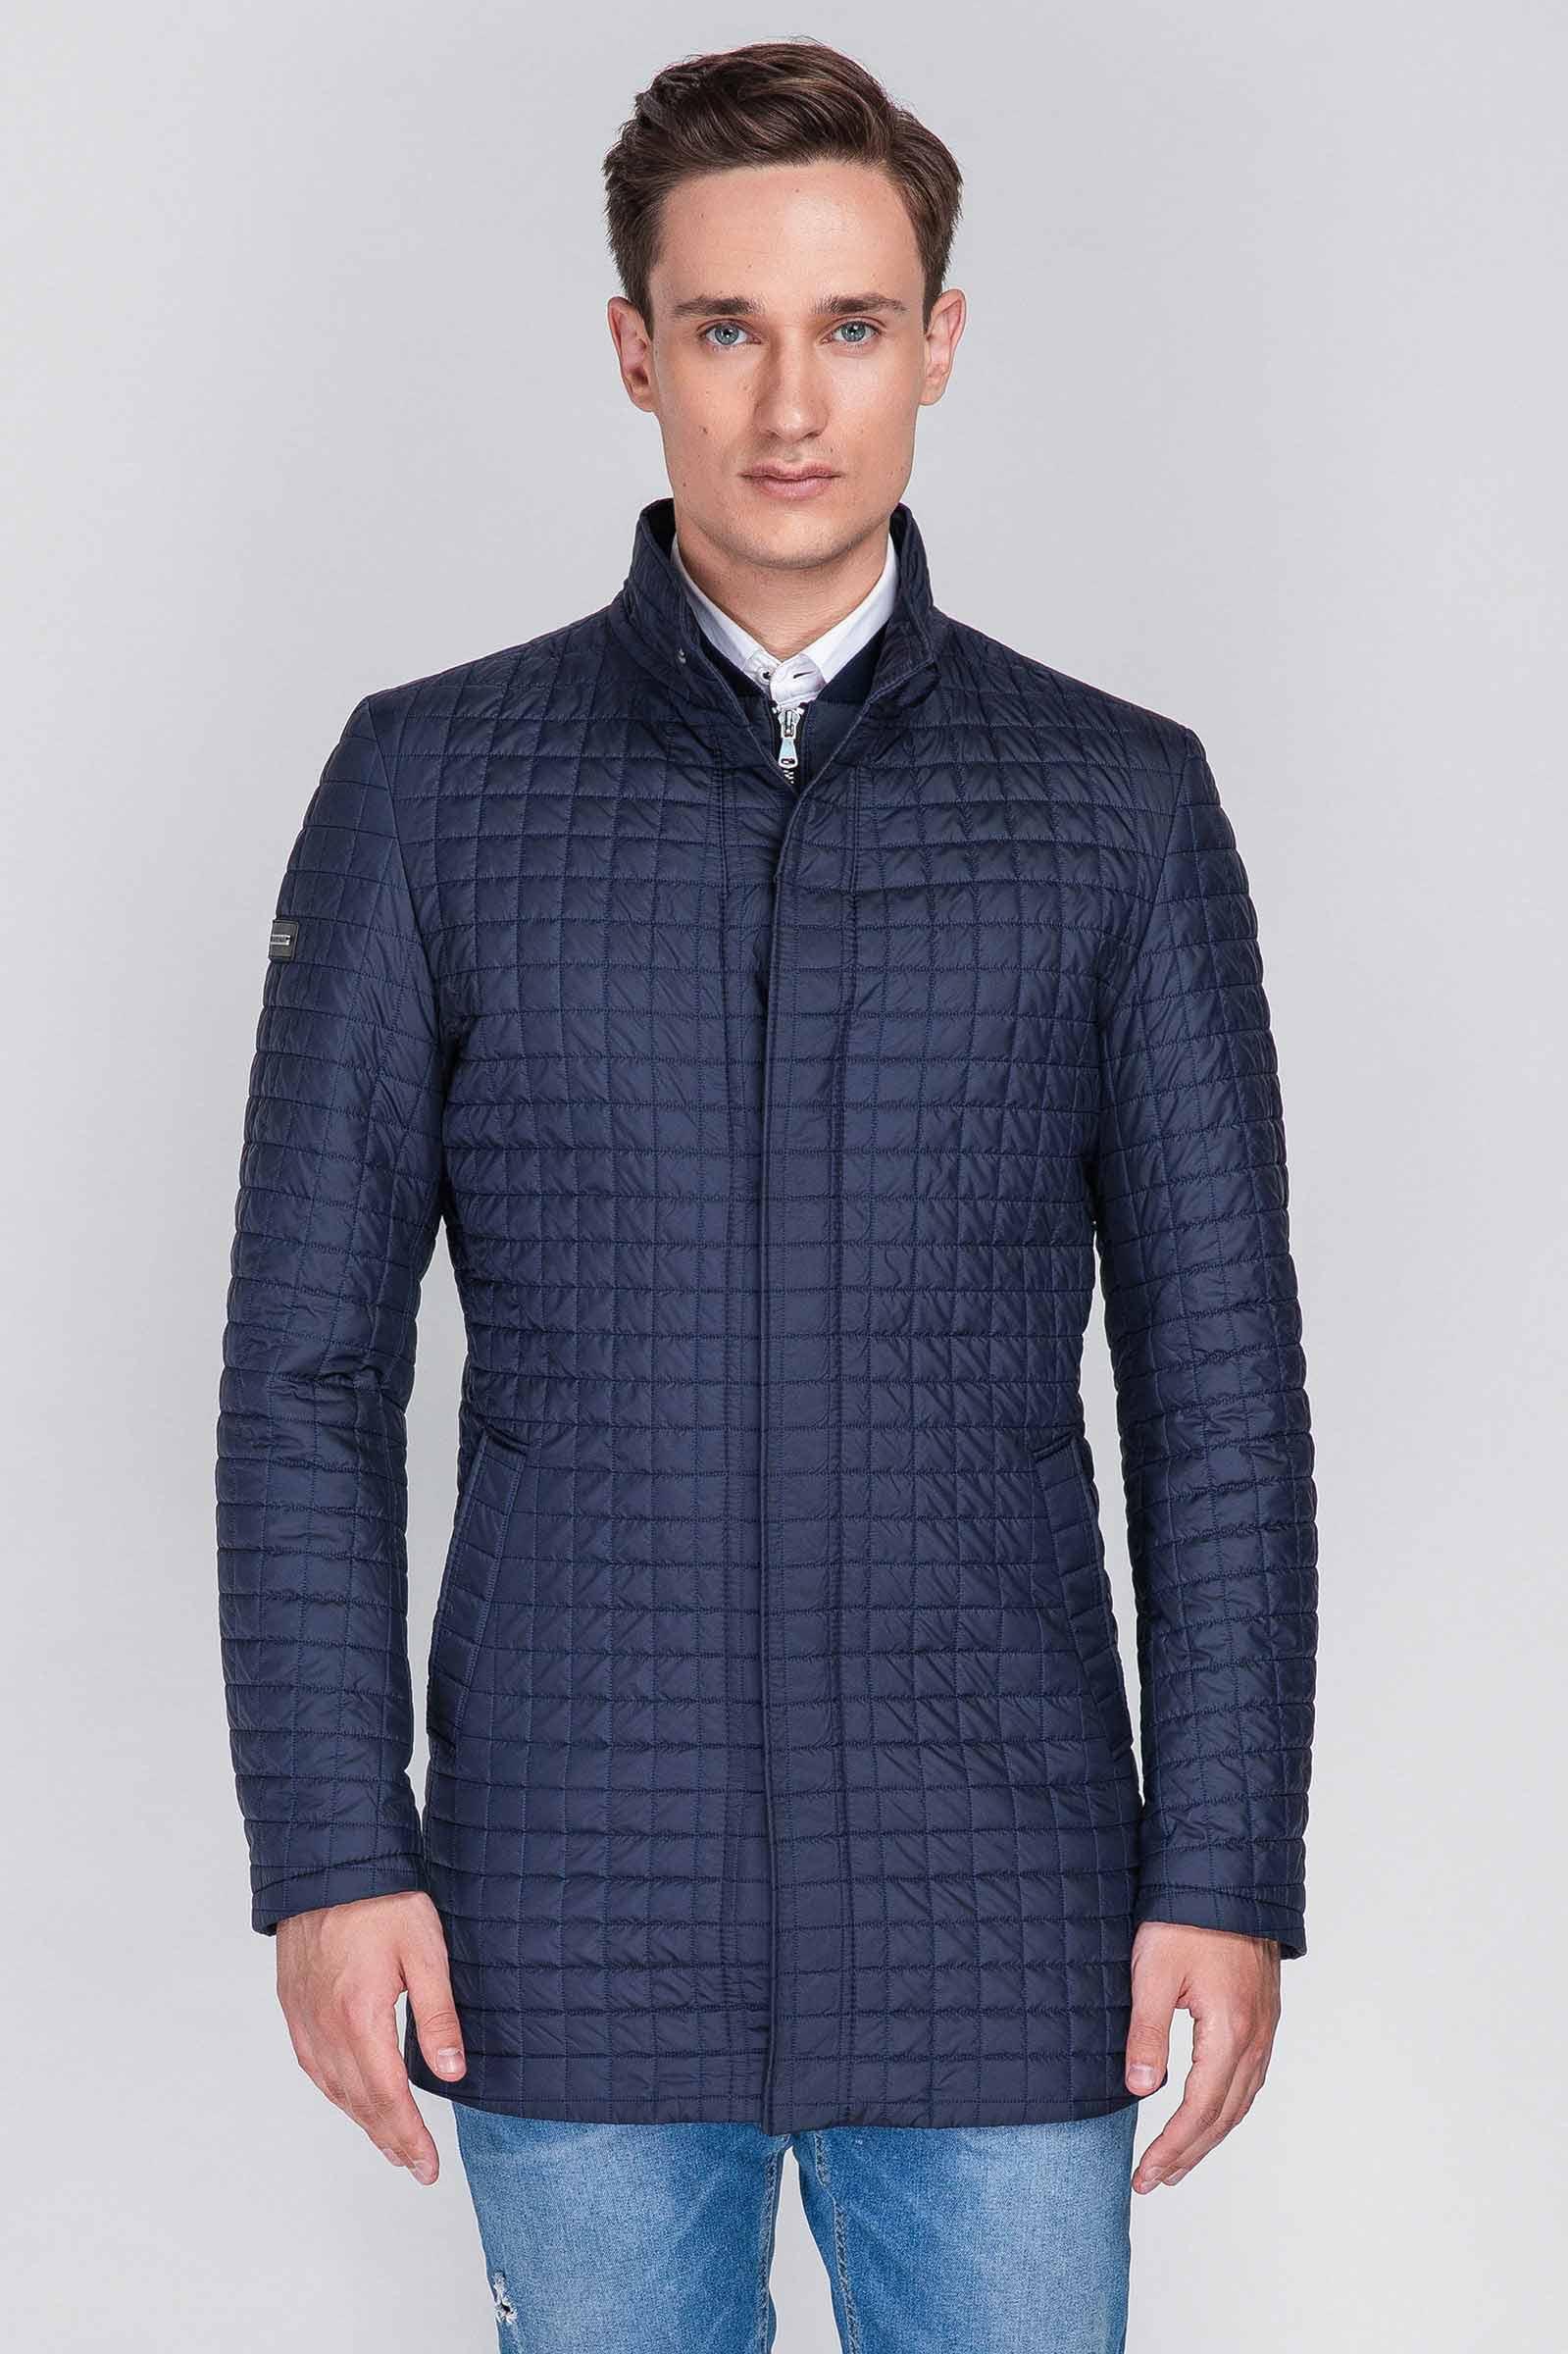 Купить мужскую синюю куртку Днепр - фото